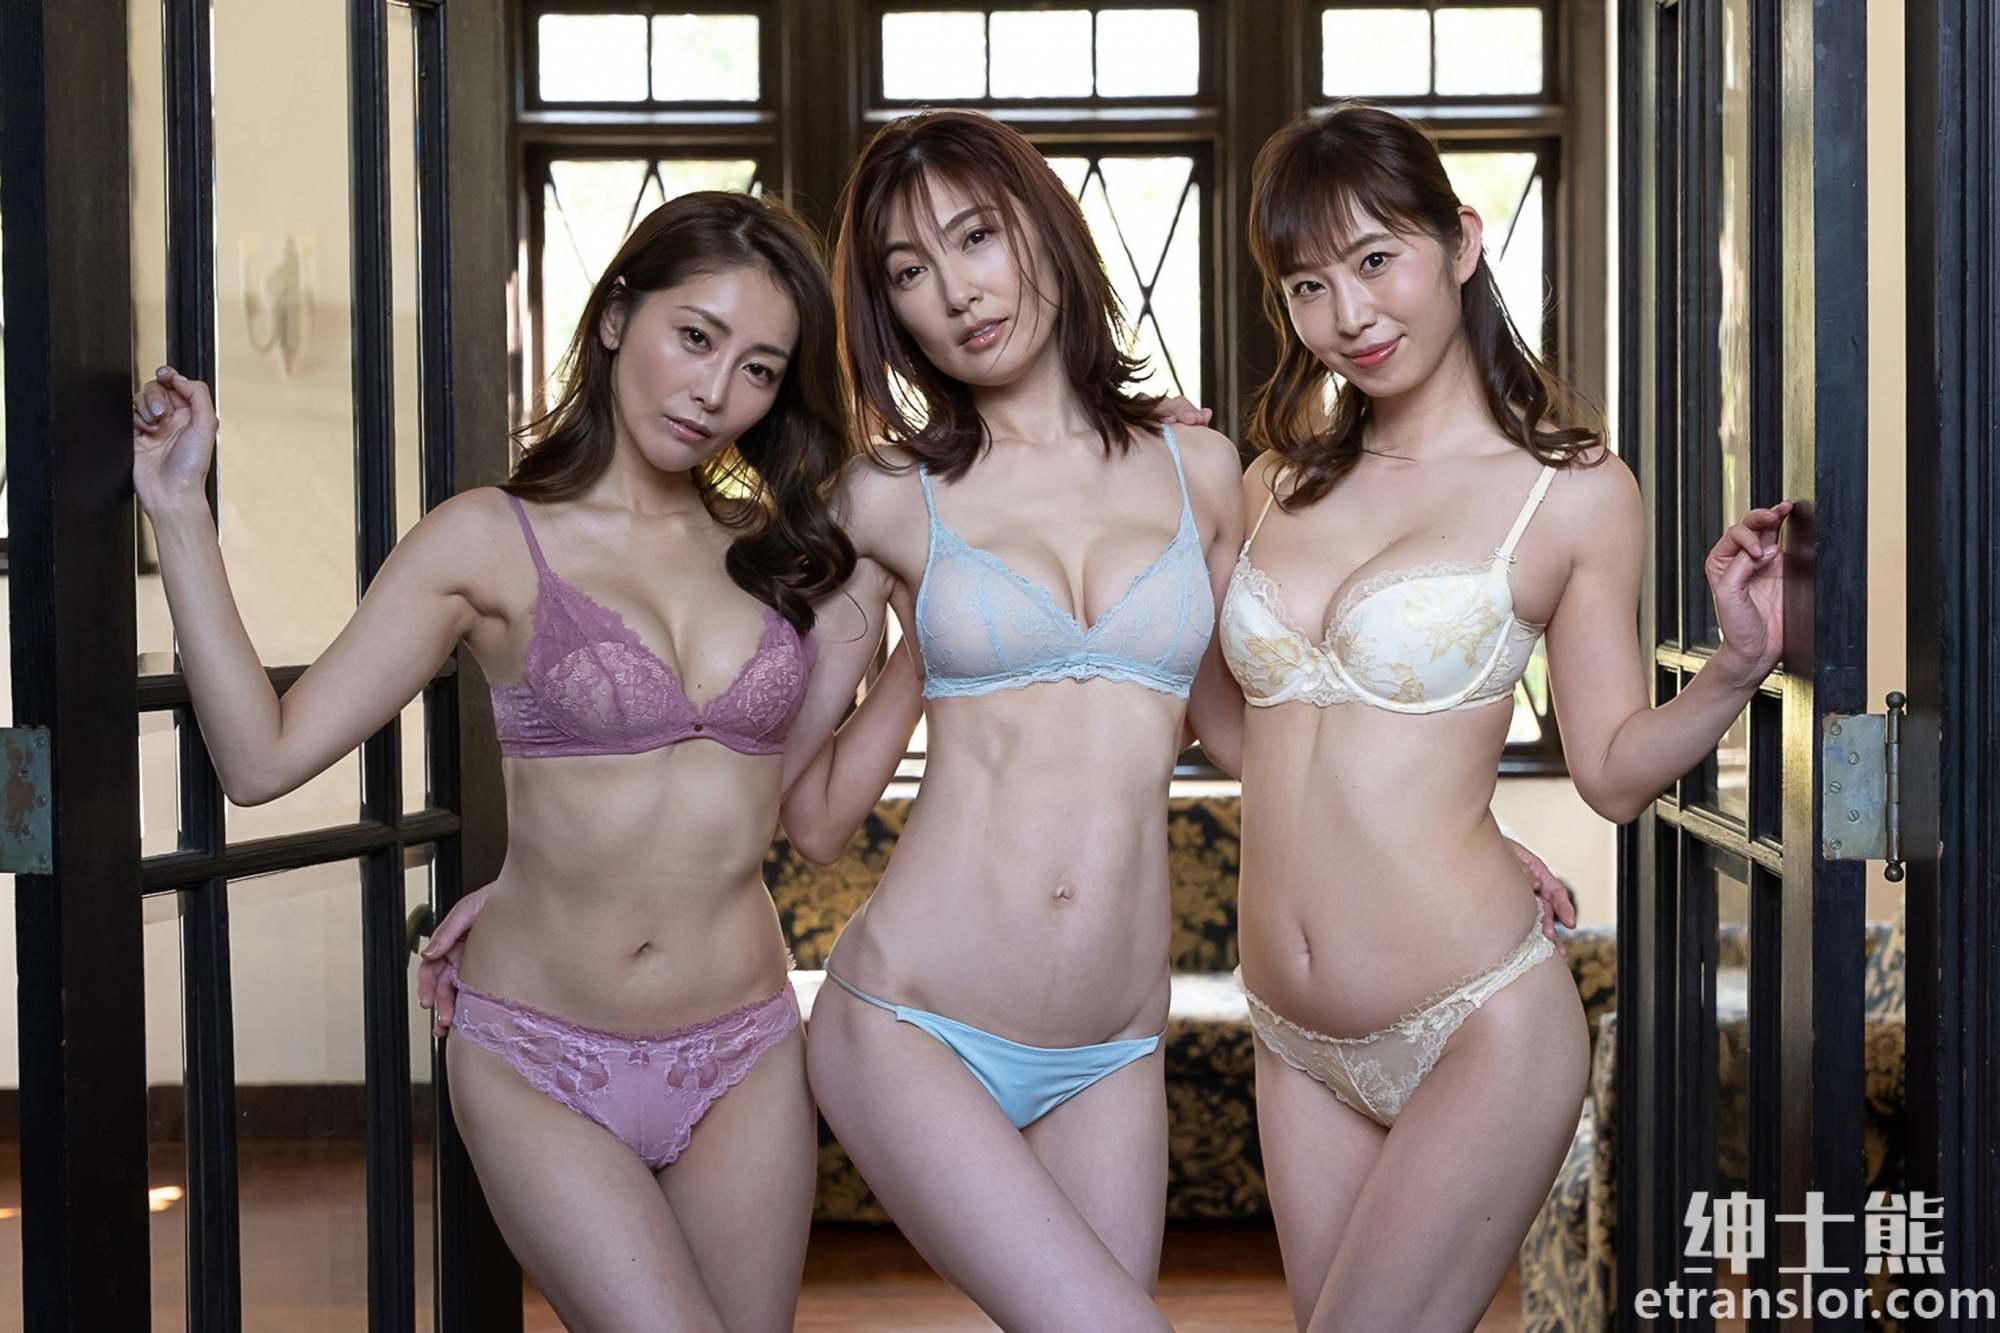 日本写真女星:熊切麻美、塩地美澄、熊田曜子三人组合岁月不改 养眼图片 第23张